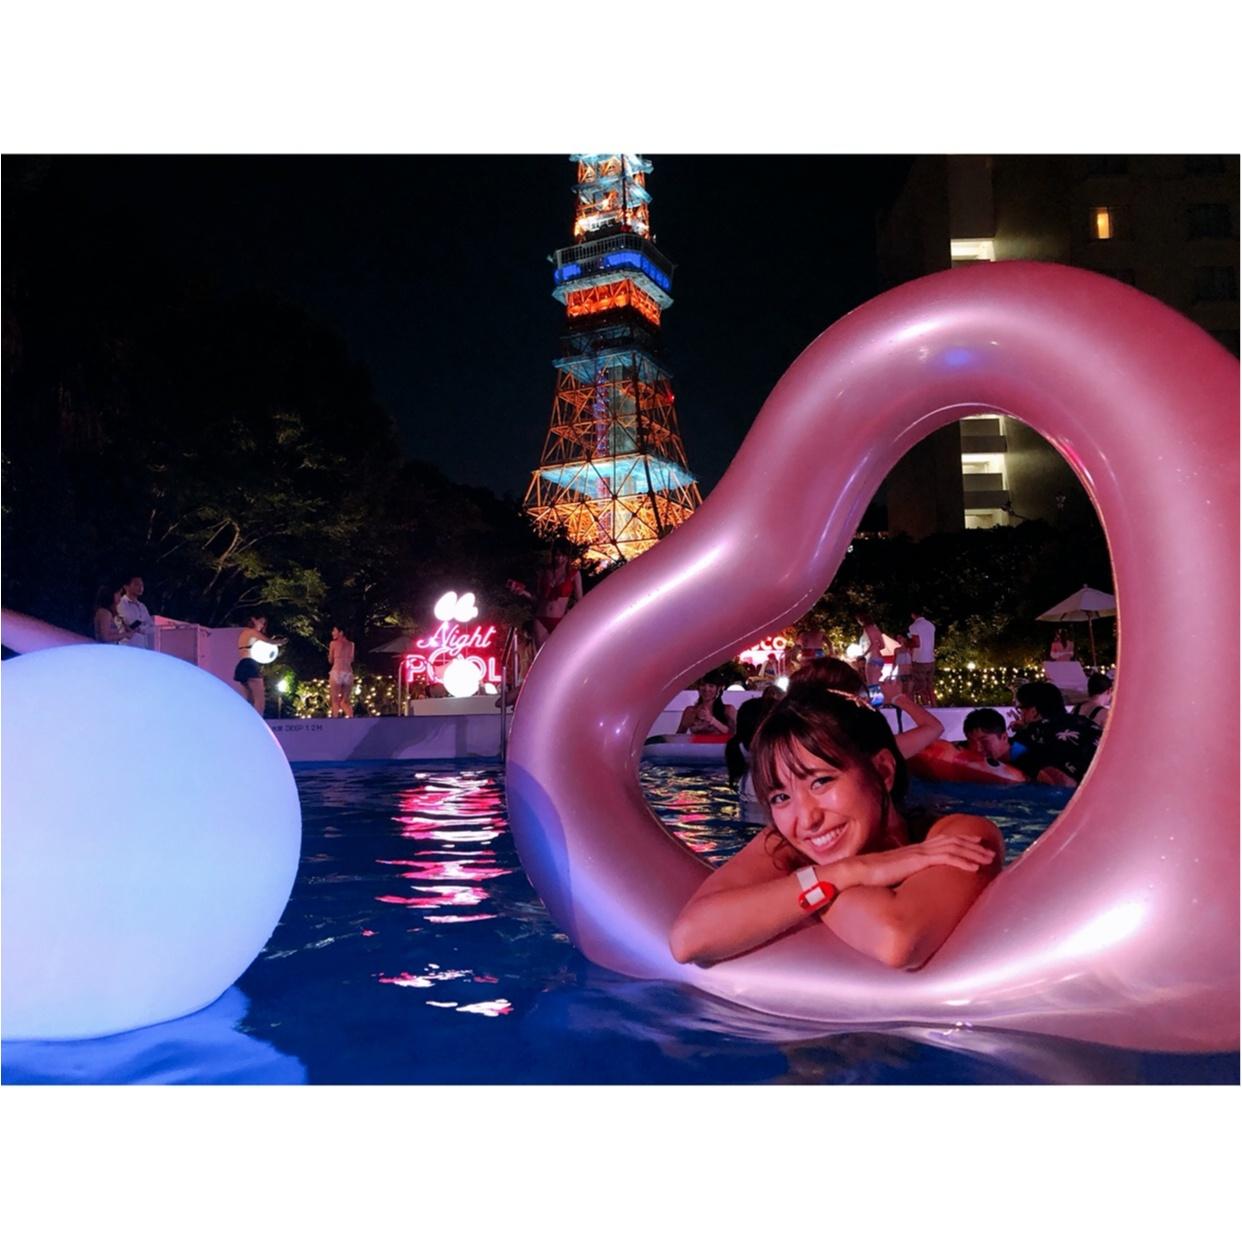 インスタ映え間違いなし‼︎【ナイトプール】in東京プリンス 〜映える写真の撮り方教えます♪〜_8